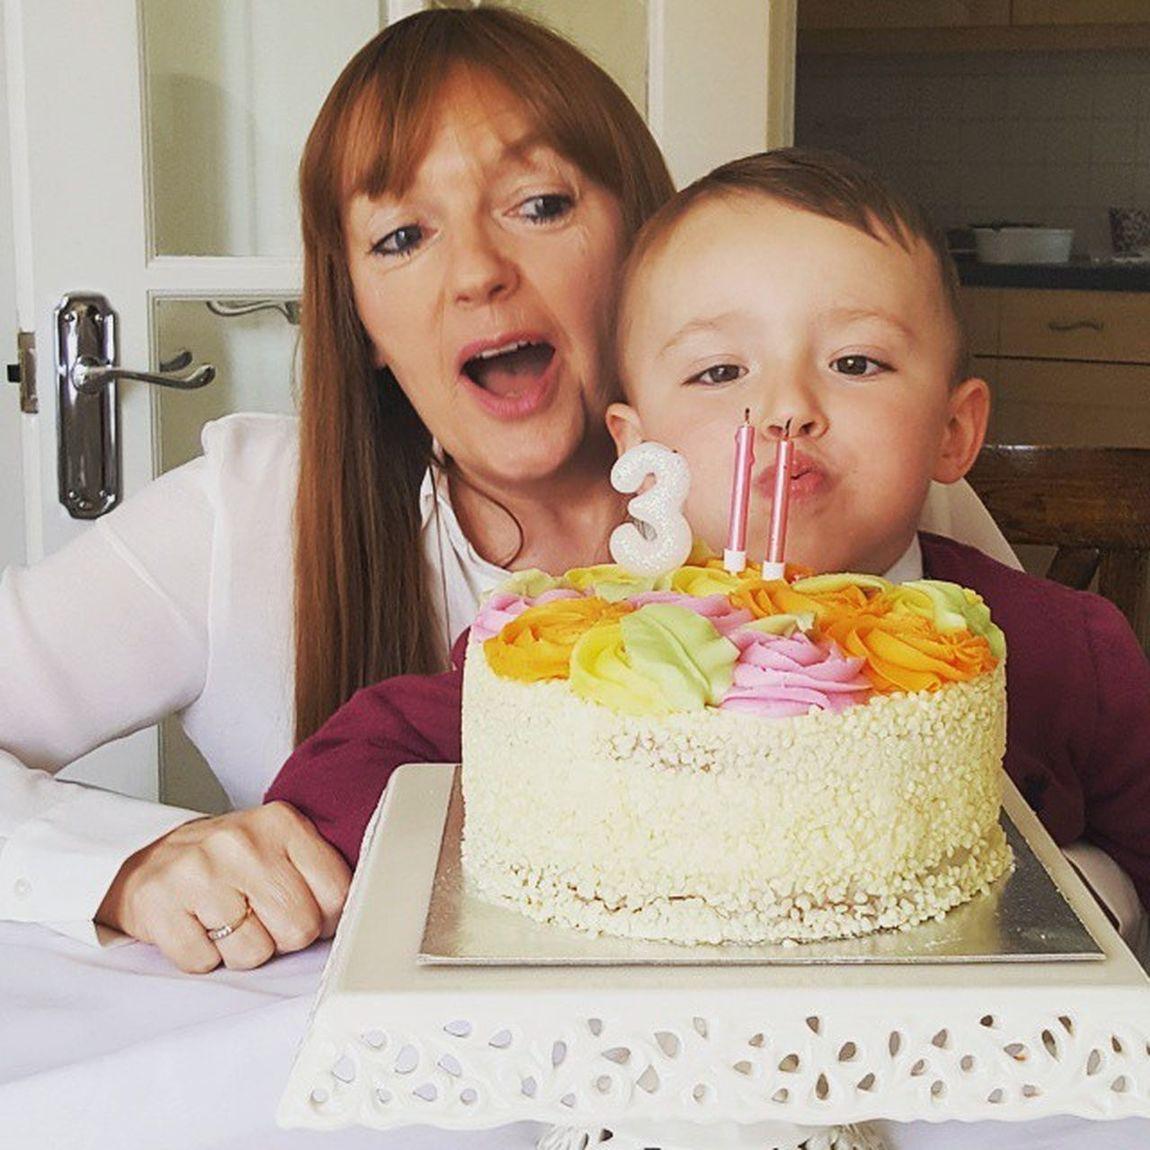 Make a wish!! Grandmaandgrandson Birthdaygirl Makeawish Birthdaycake Family